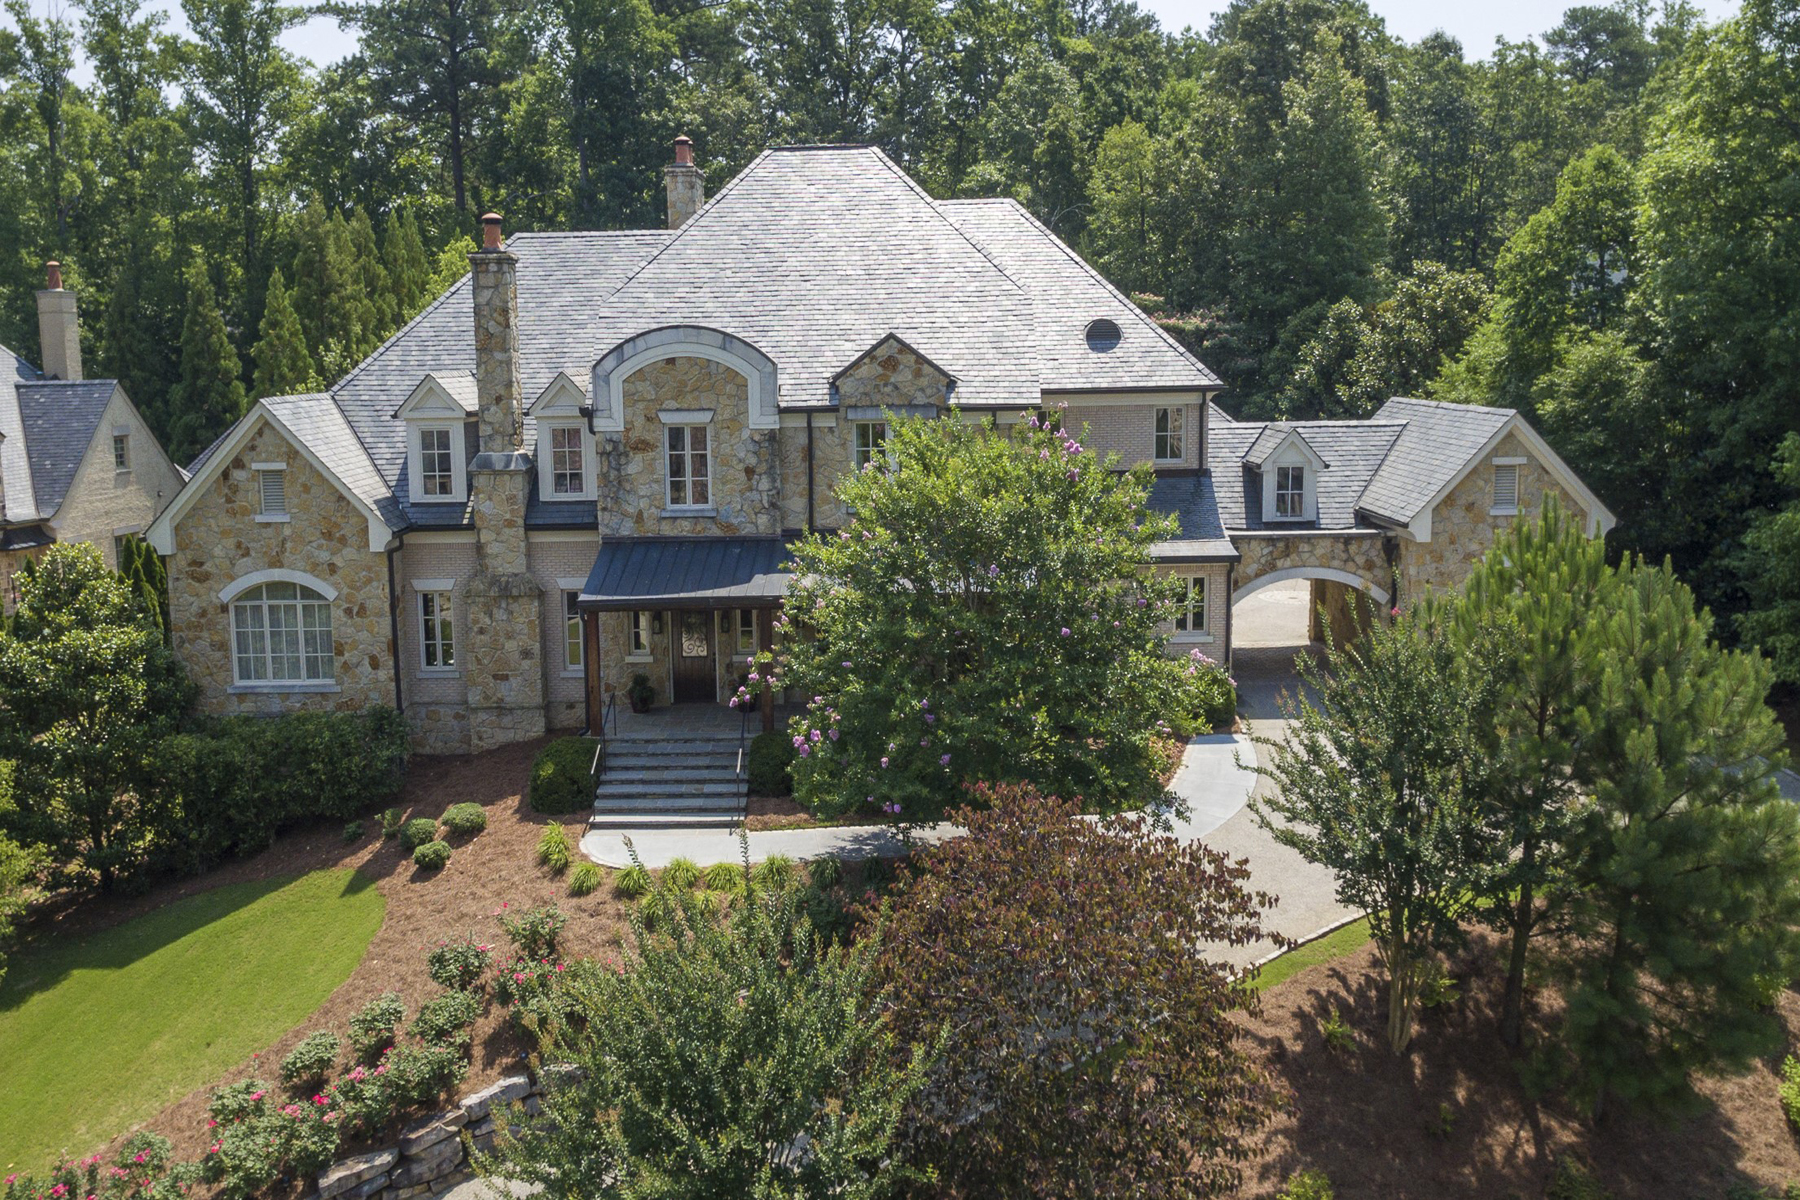 Villa per Vendita alle ore Private Estate On Cul-de-sac 4231 Whitestone Place Atlanta, Georgia, 30327 Stati Uniti